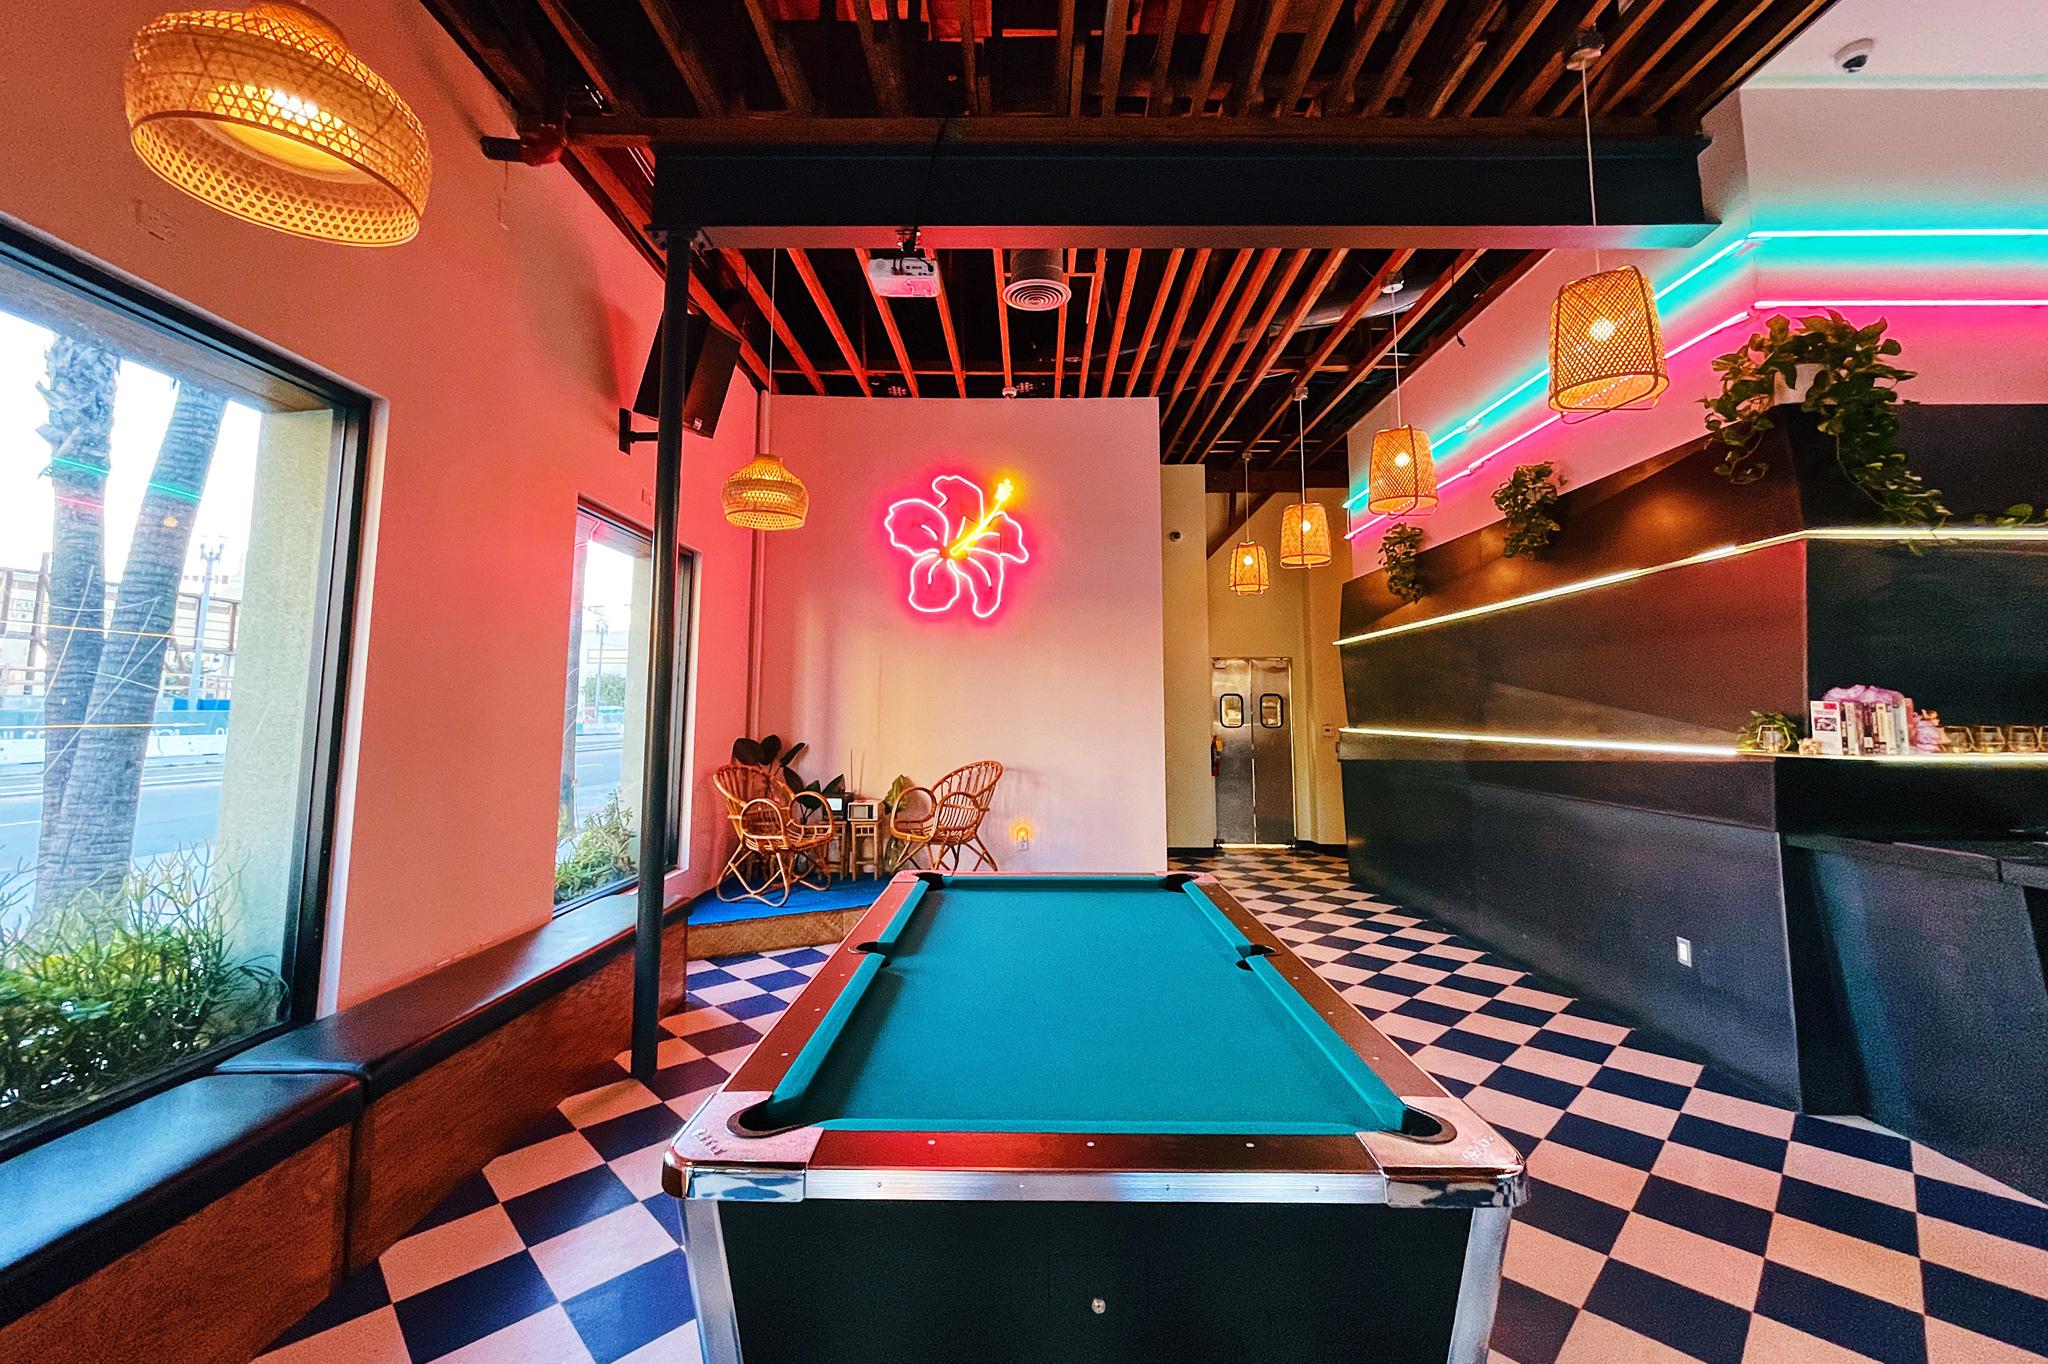 Rosemallows bar in Long Beach